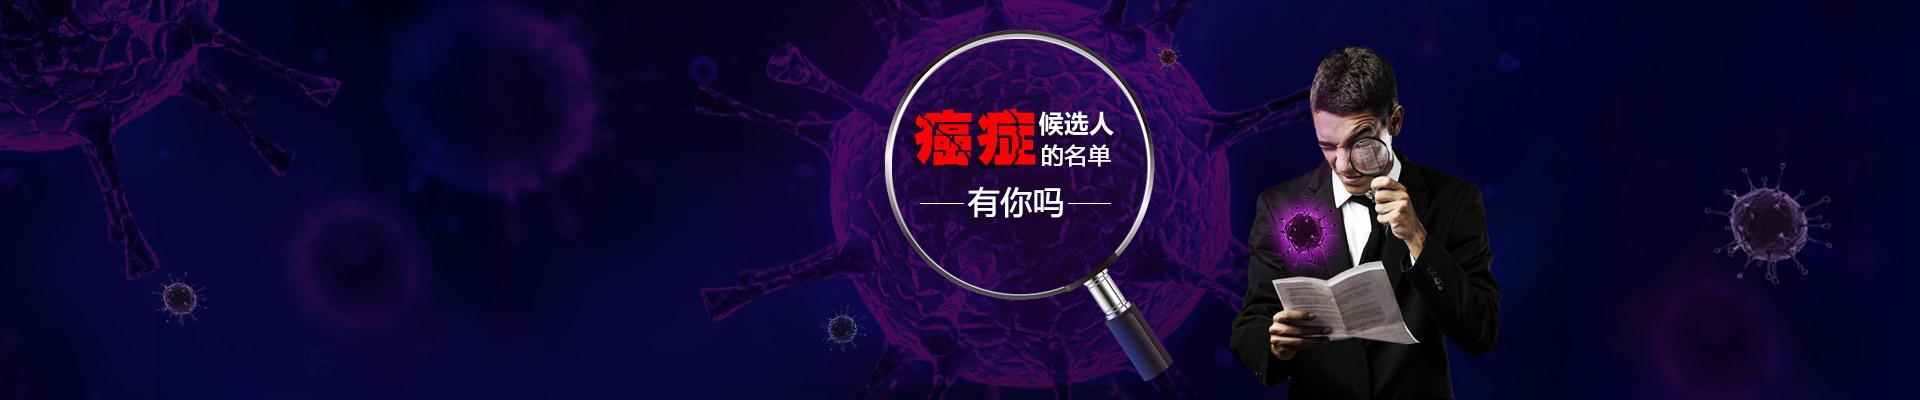 科学防癌,鉴别癌症的早期征兆